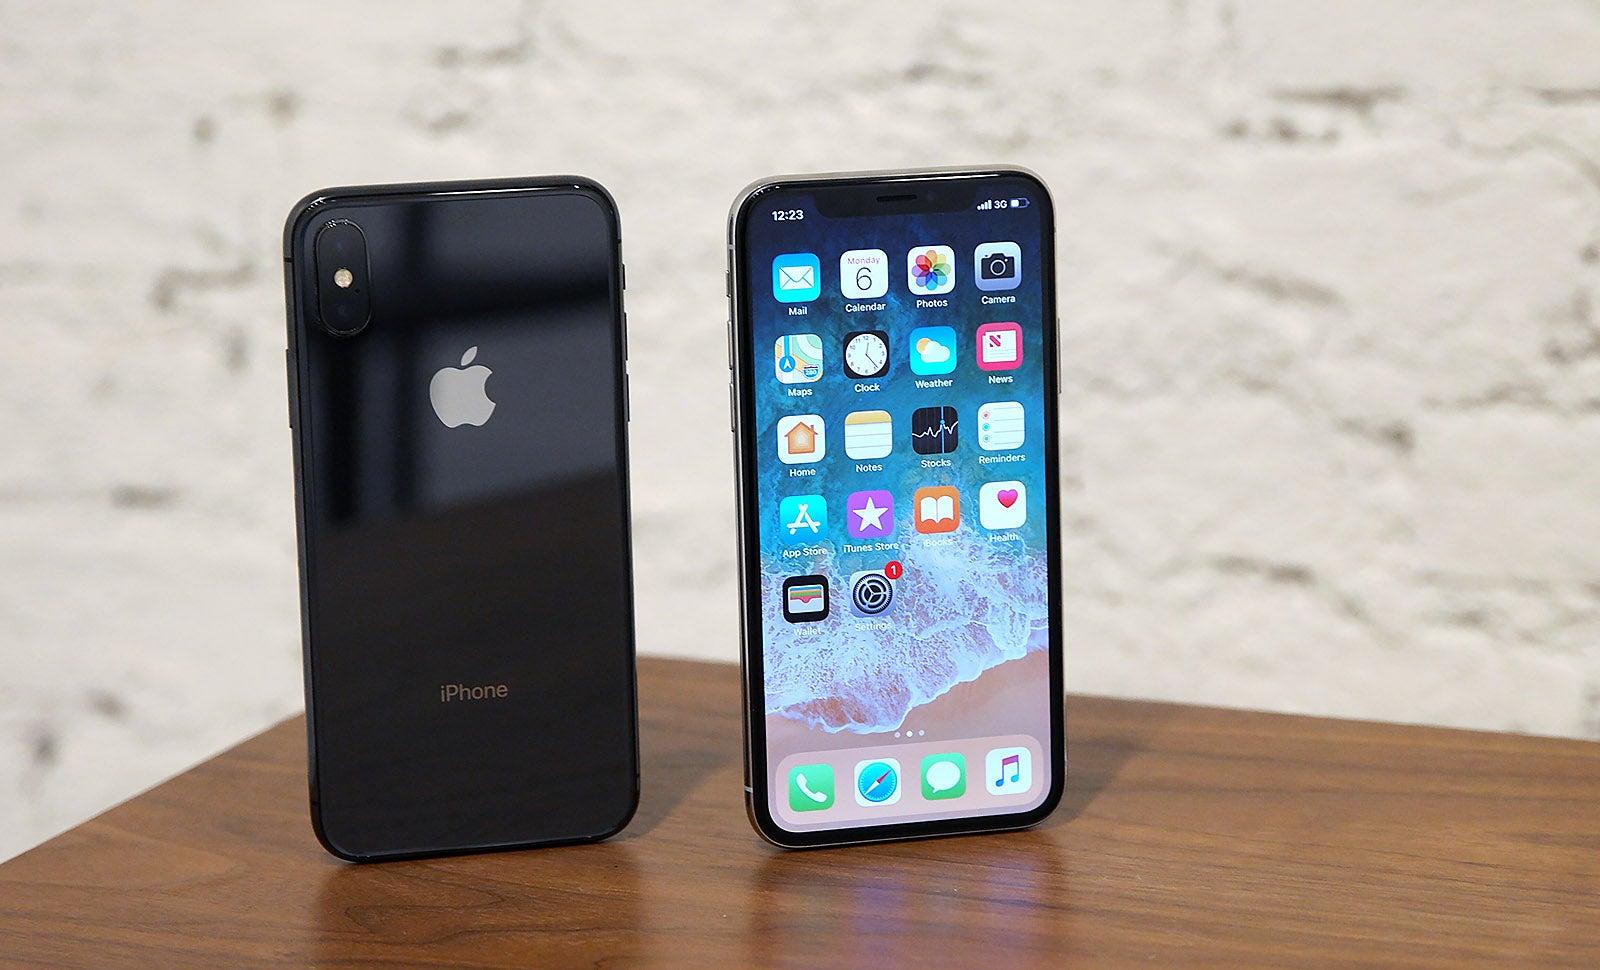 apple consumer-tech faceid ios iphone iphone-9 iphone-x smartphones tsmc